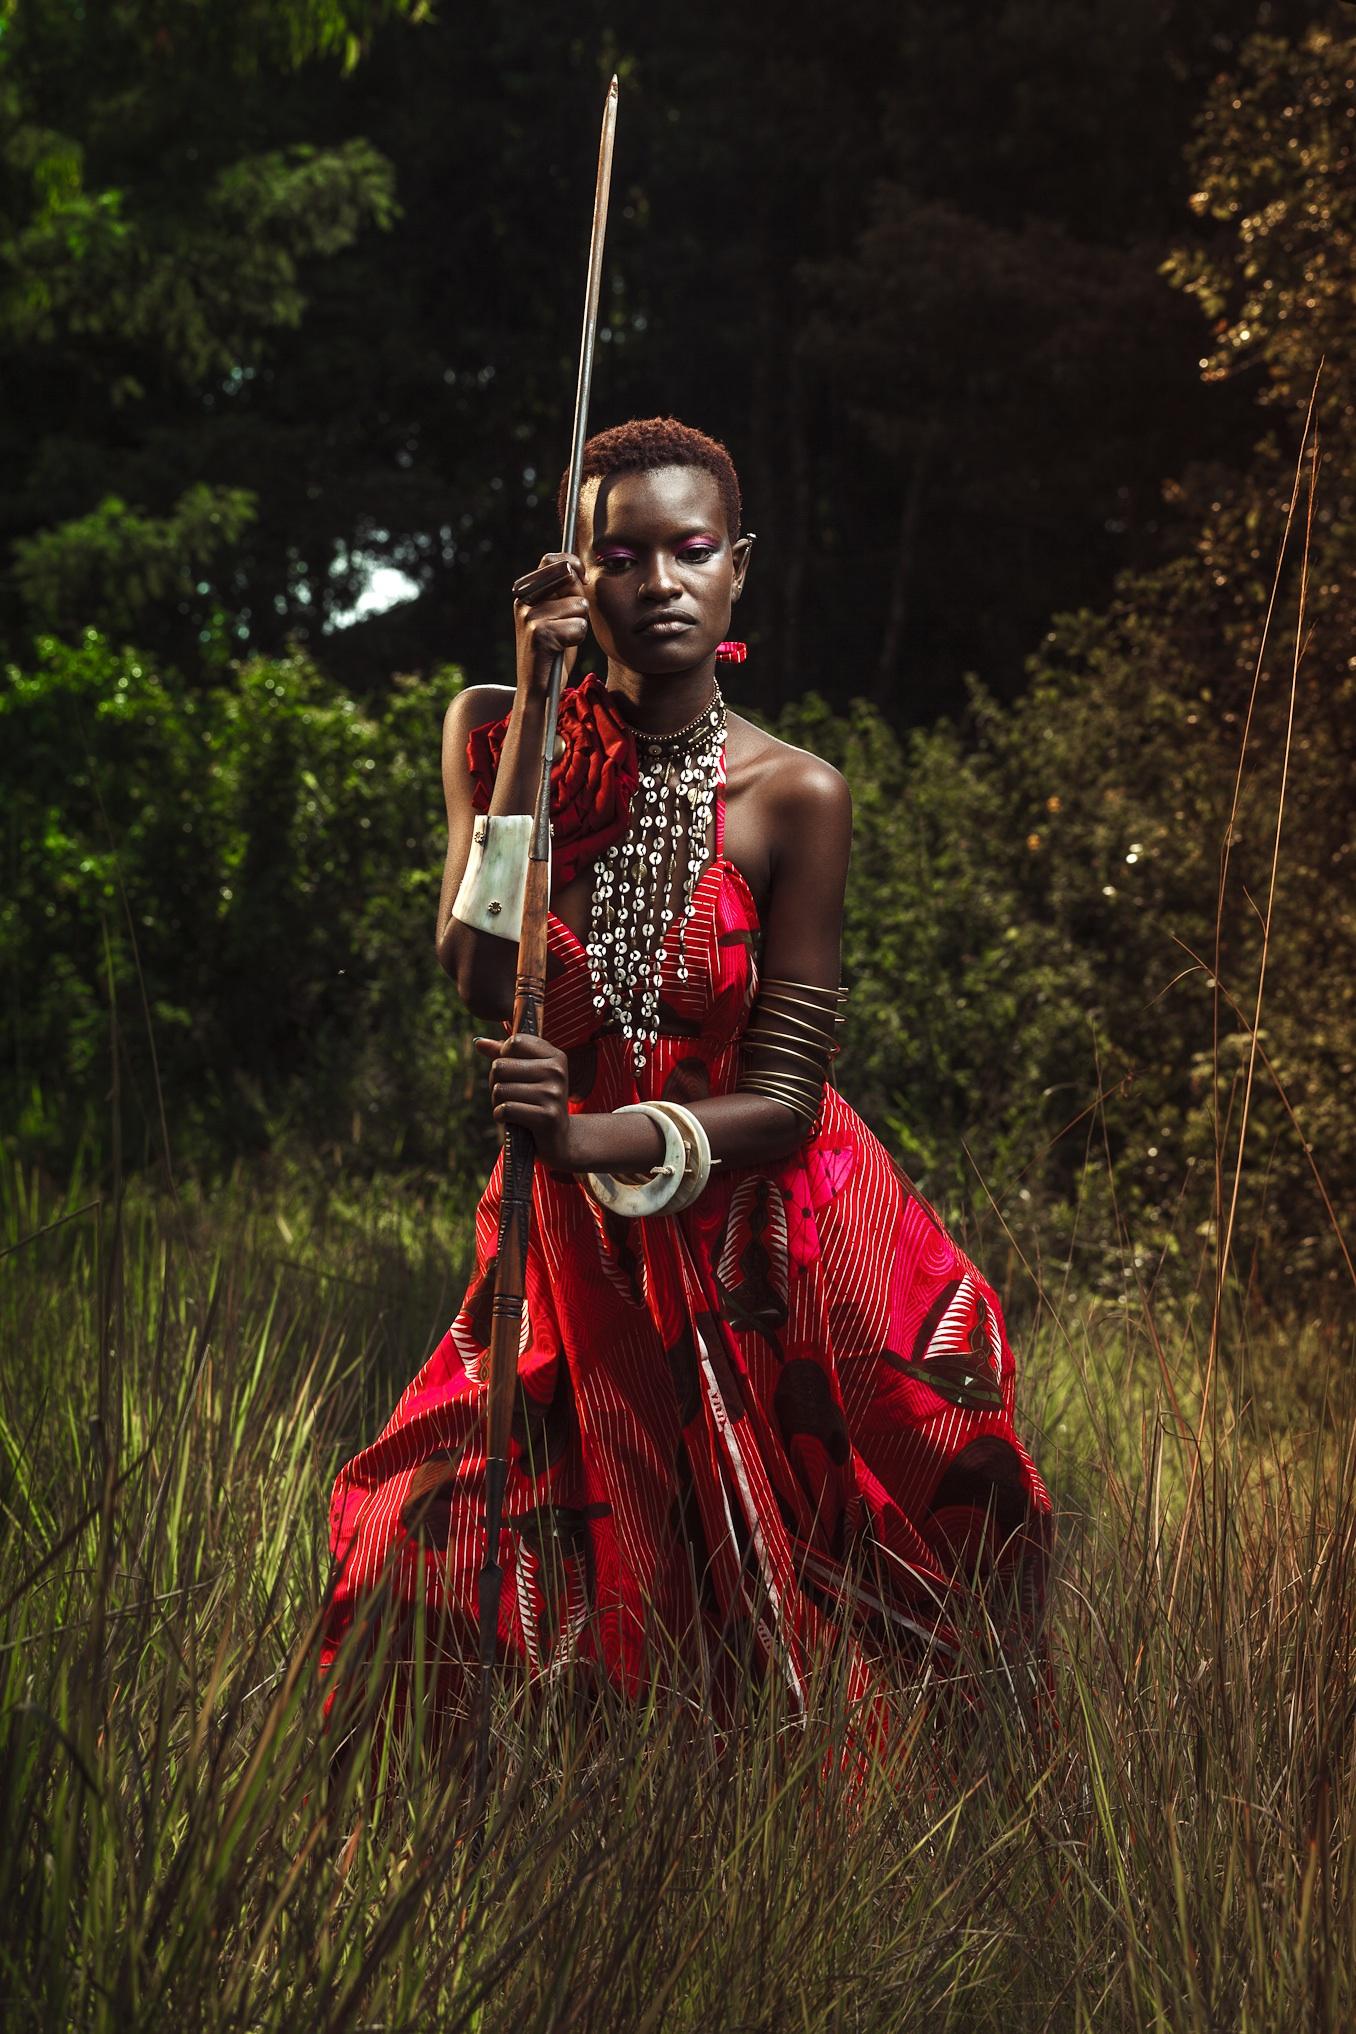 #UnexpectedKenya Day 1; Dogging Around via @theMagunga